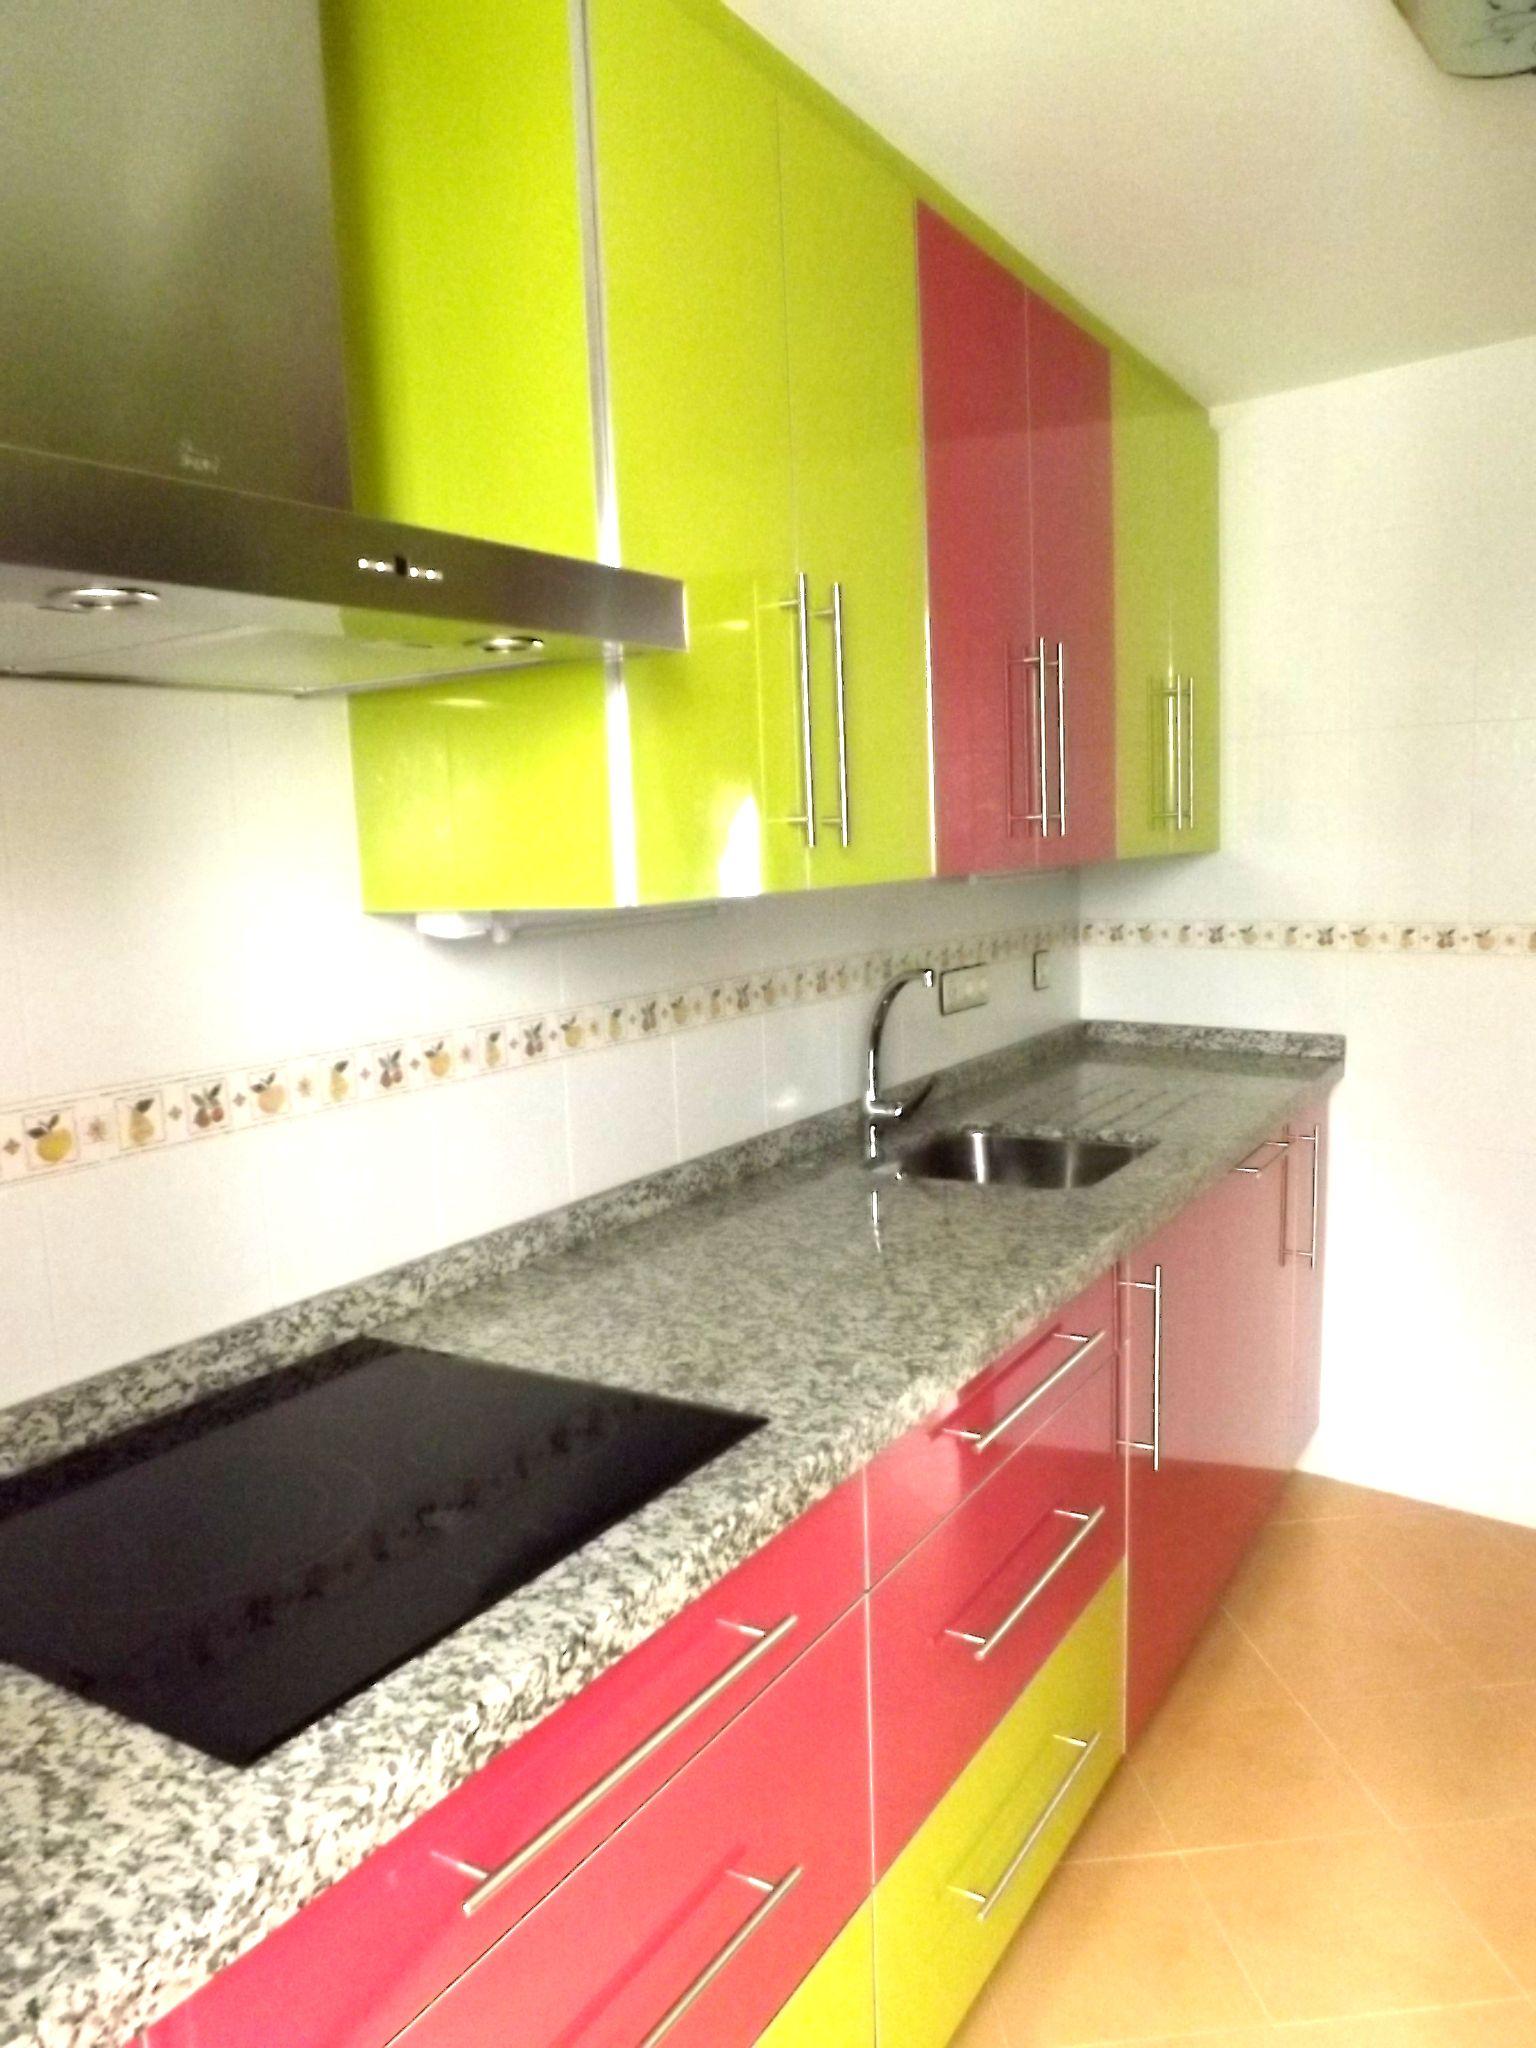 Cocina Verde Pistacho Y Rosa Muebles Dominguez Muebles  # Muebles Dominguez